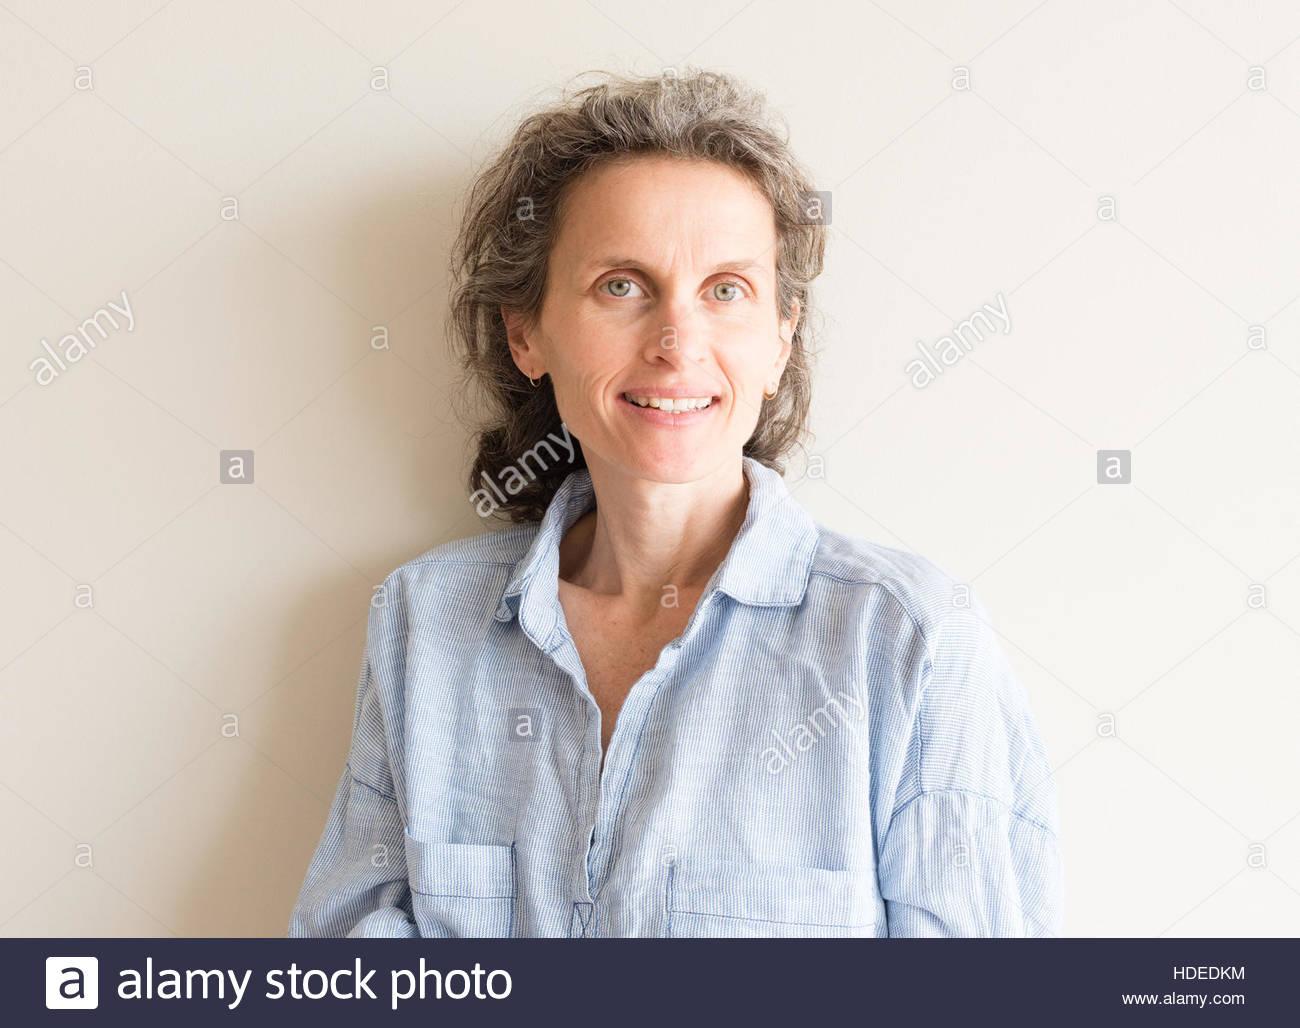 Parc naturel à la femme d'âge moyen avec des cheveux gris et bleu shirt smiling Photo Stock